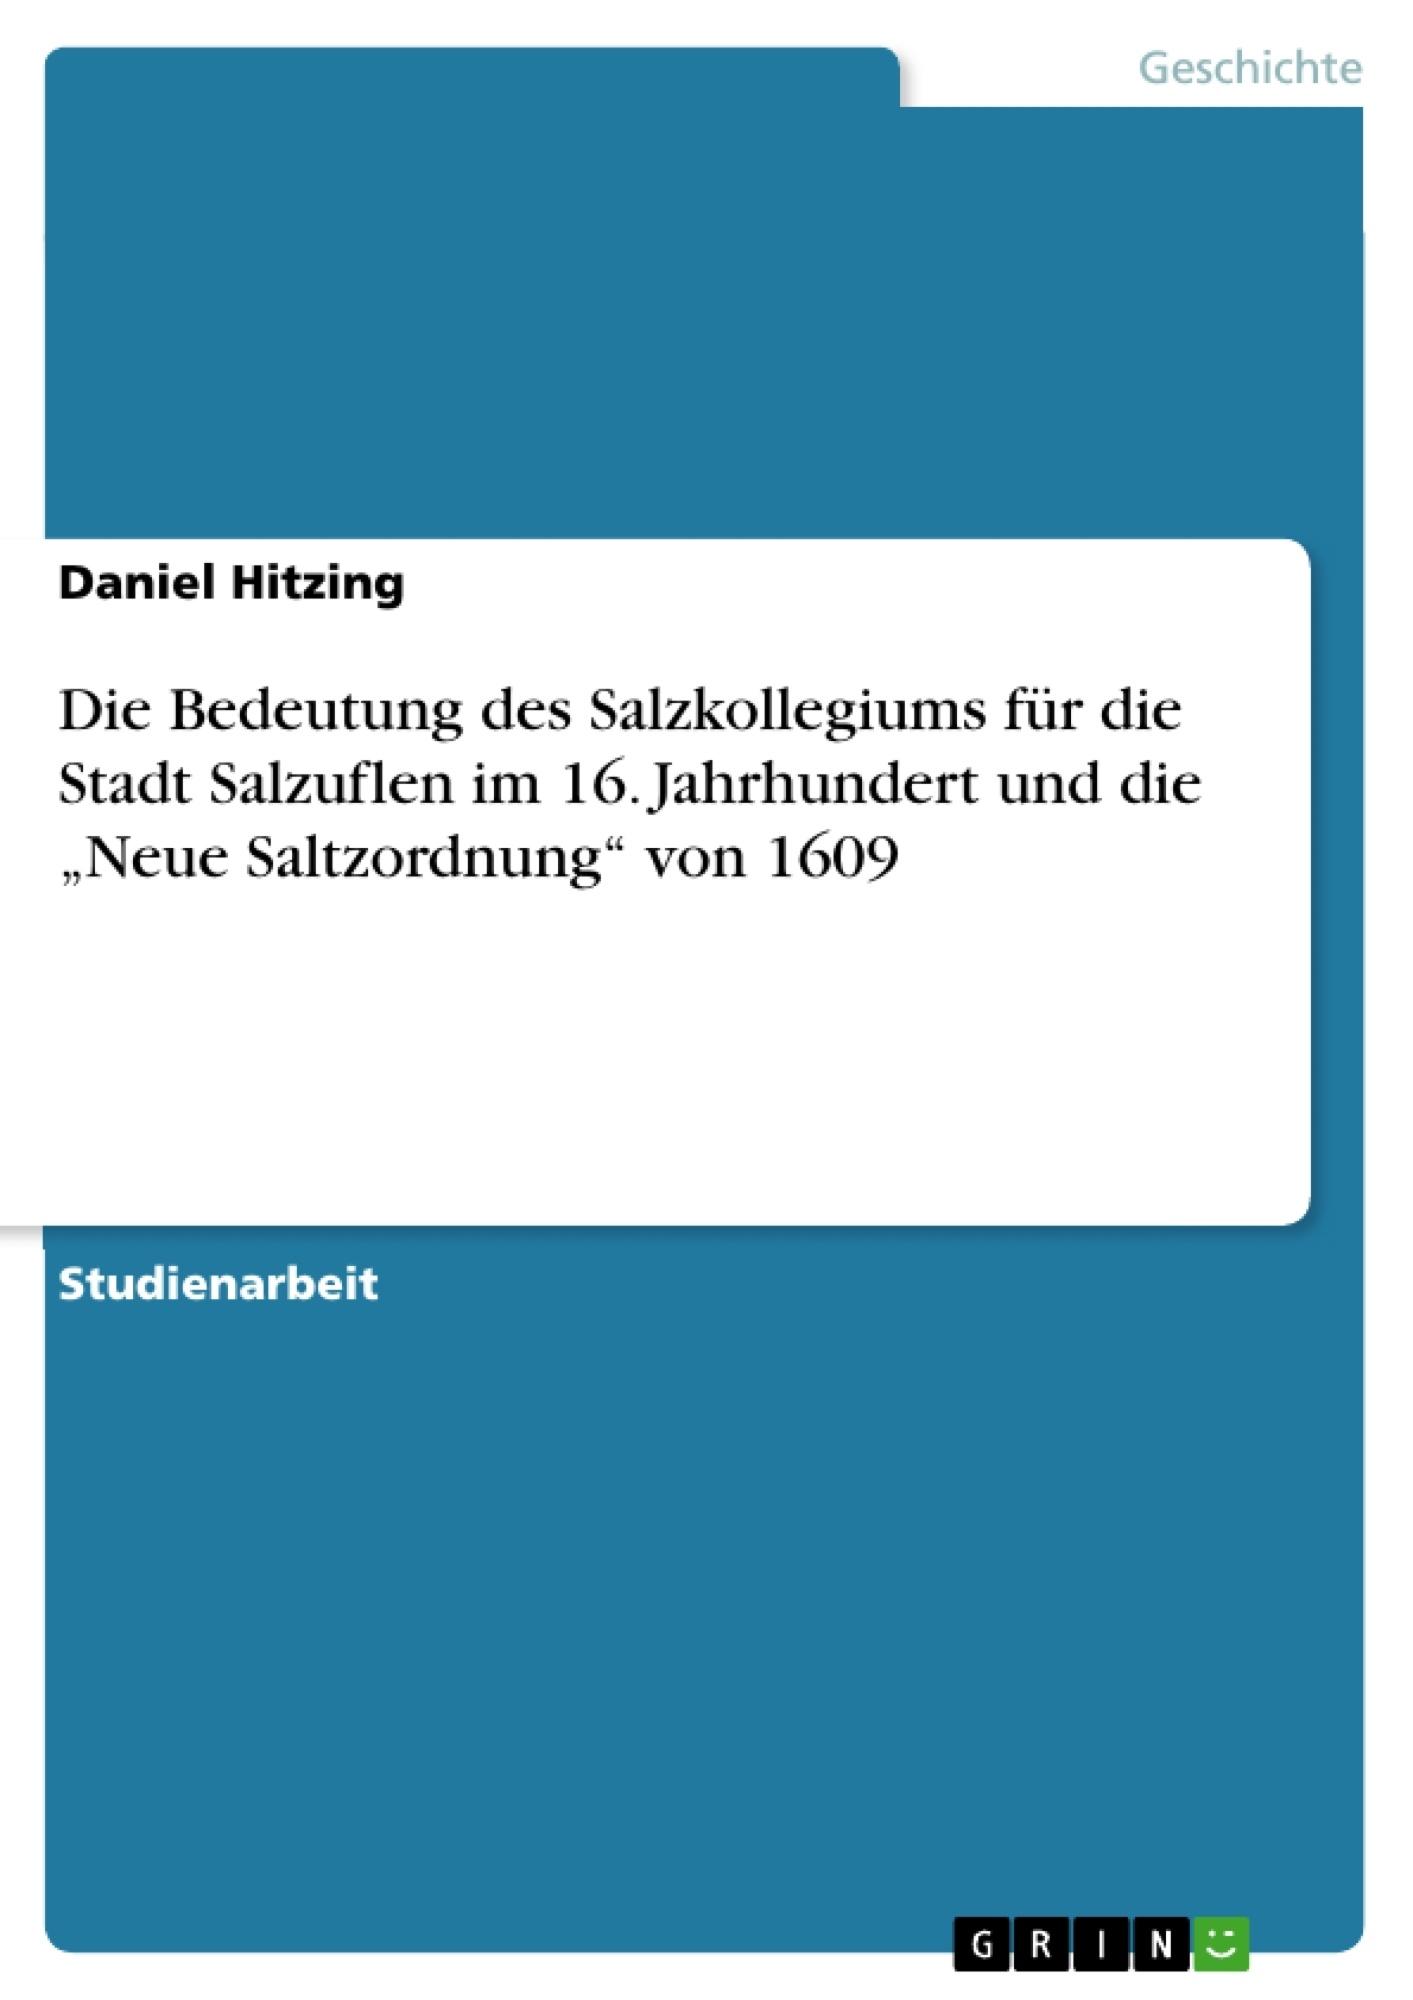 """Titel: Die Bedeutung des Salzkollegiums für die Stadt Salzuflen im 16. Jahrhundert und die """"Neue Saltzordnung"""" von 1609"""